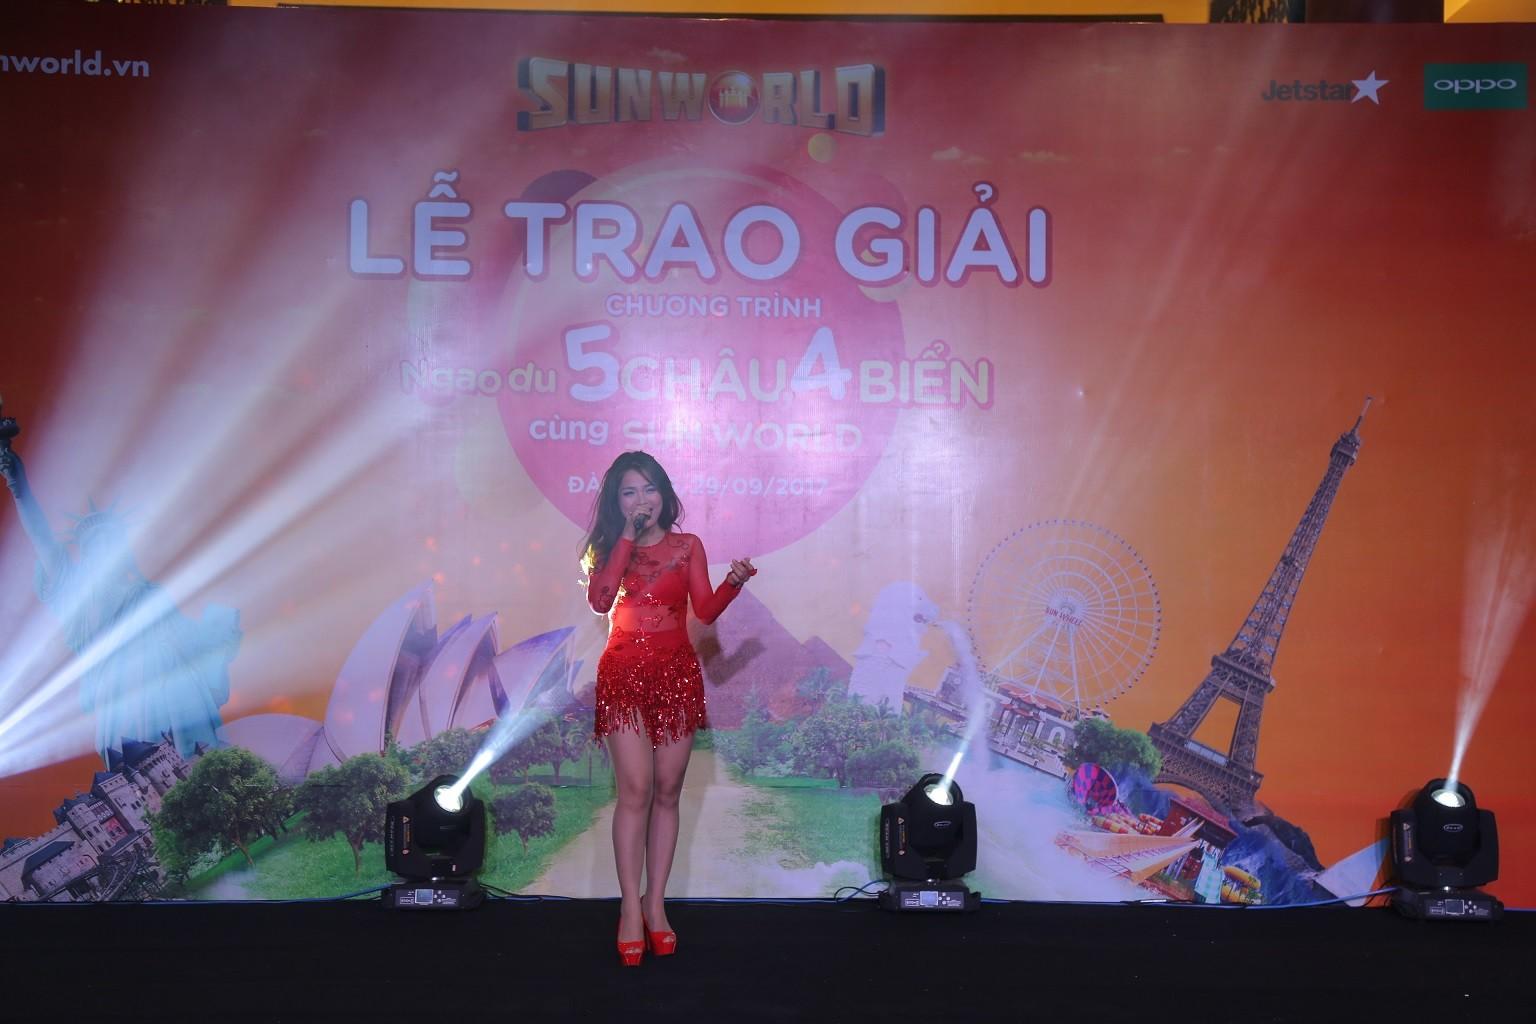 Kinh doanh - Các khách hàng Sun World bất ngờ trúng thưởng tour du lịch quốc tế tới Pháp, Úc (Hình 5).